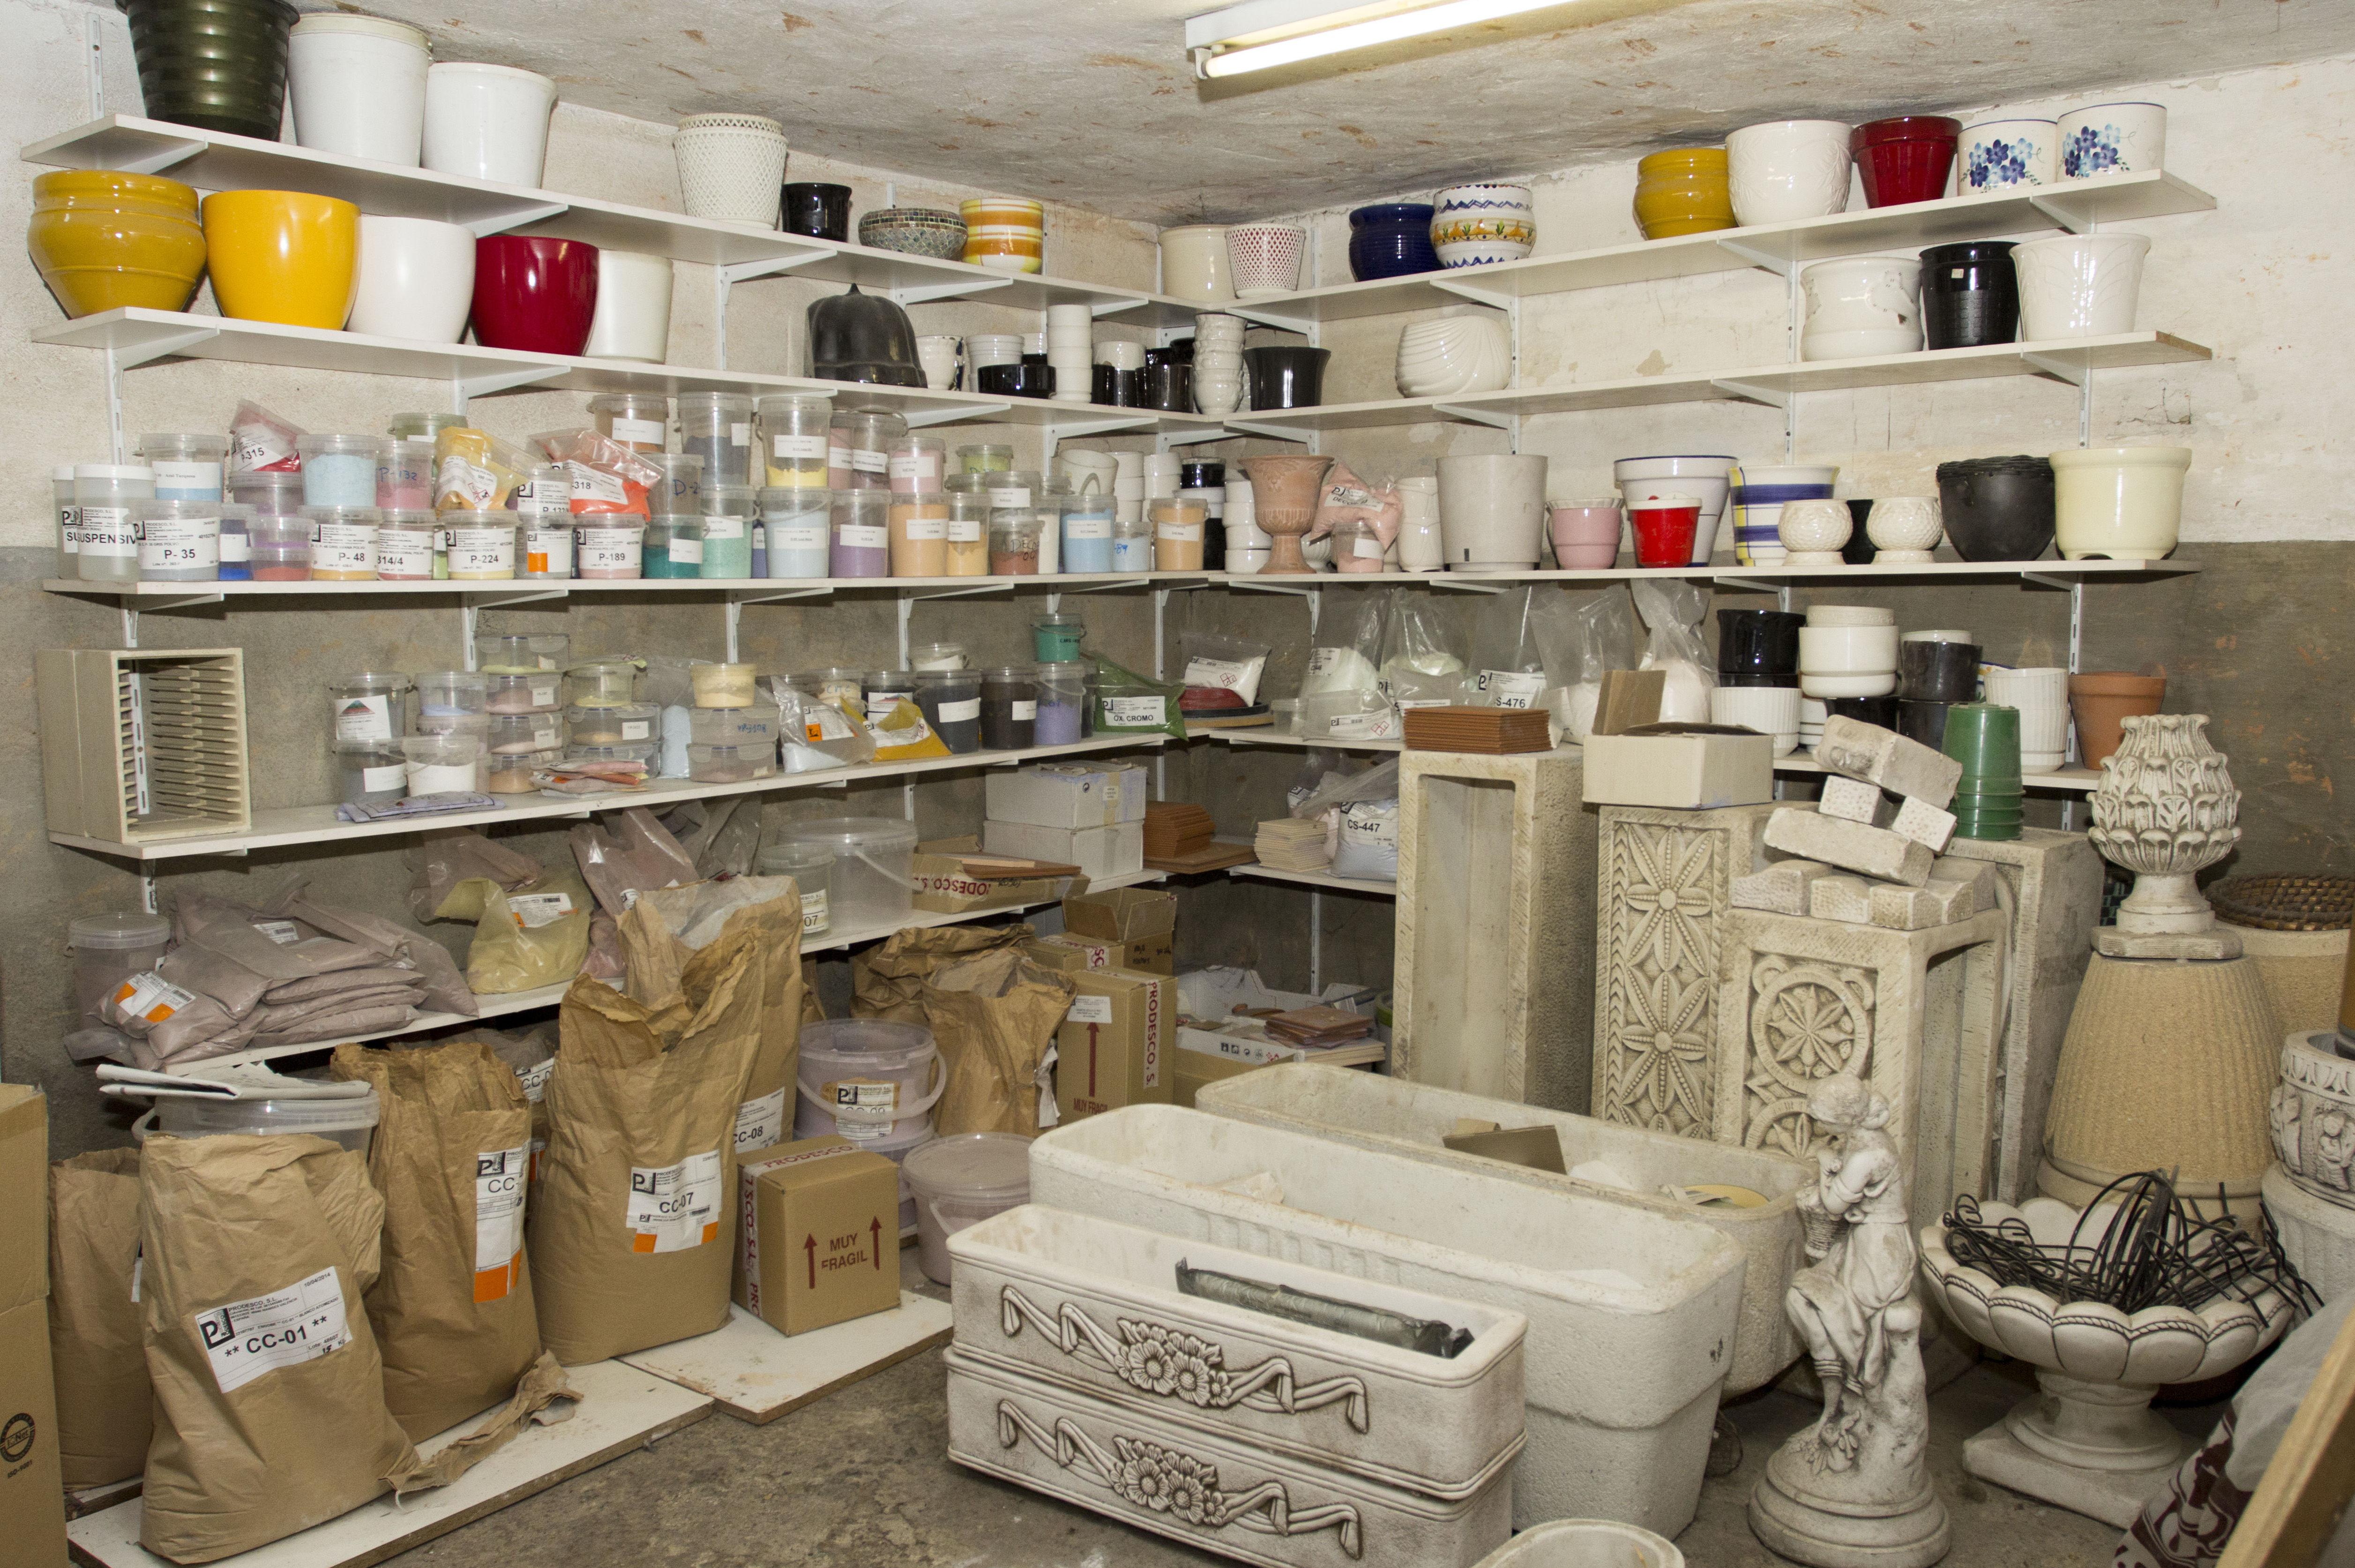 Distribución de productos cerámicos en Vitoria-Gasteiz, Álava